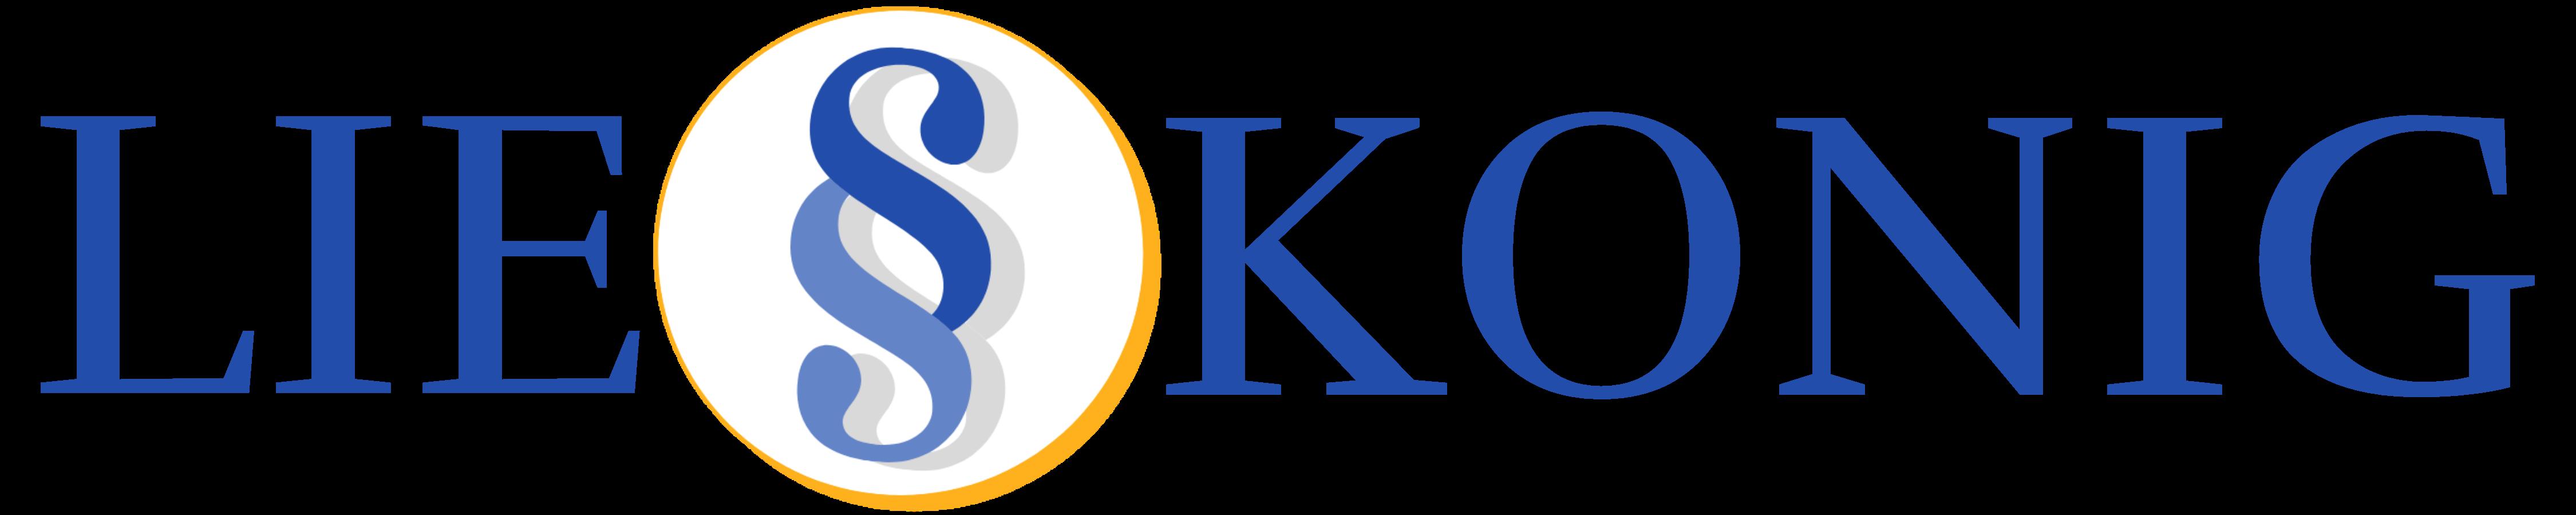 Lieskonig_Logo